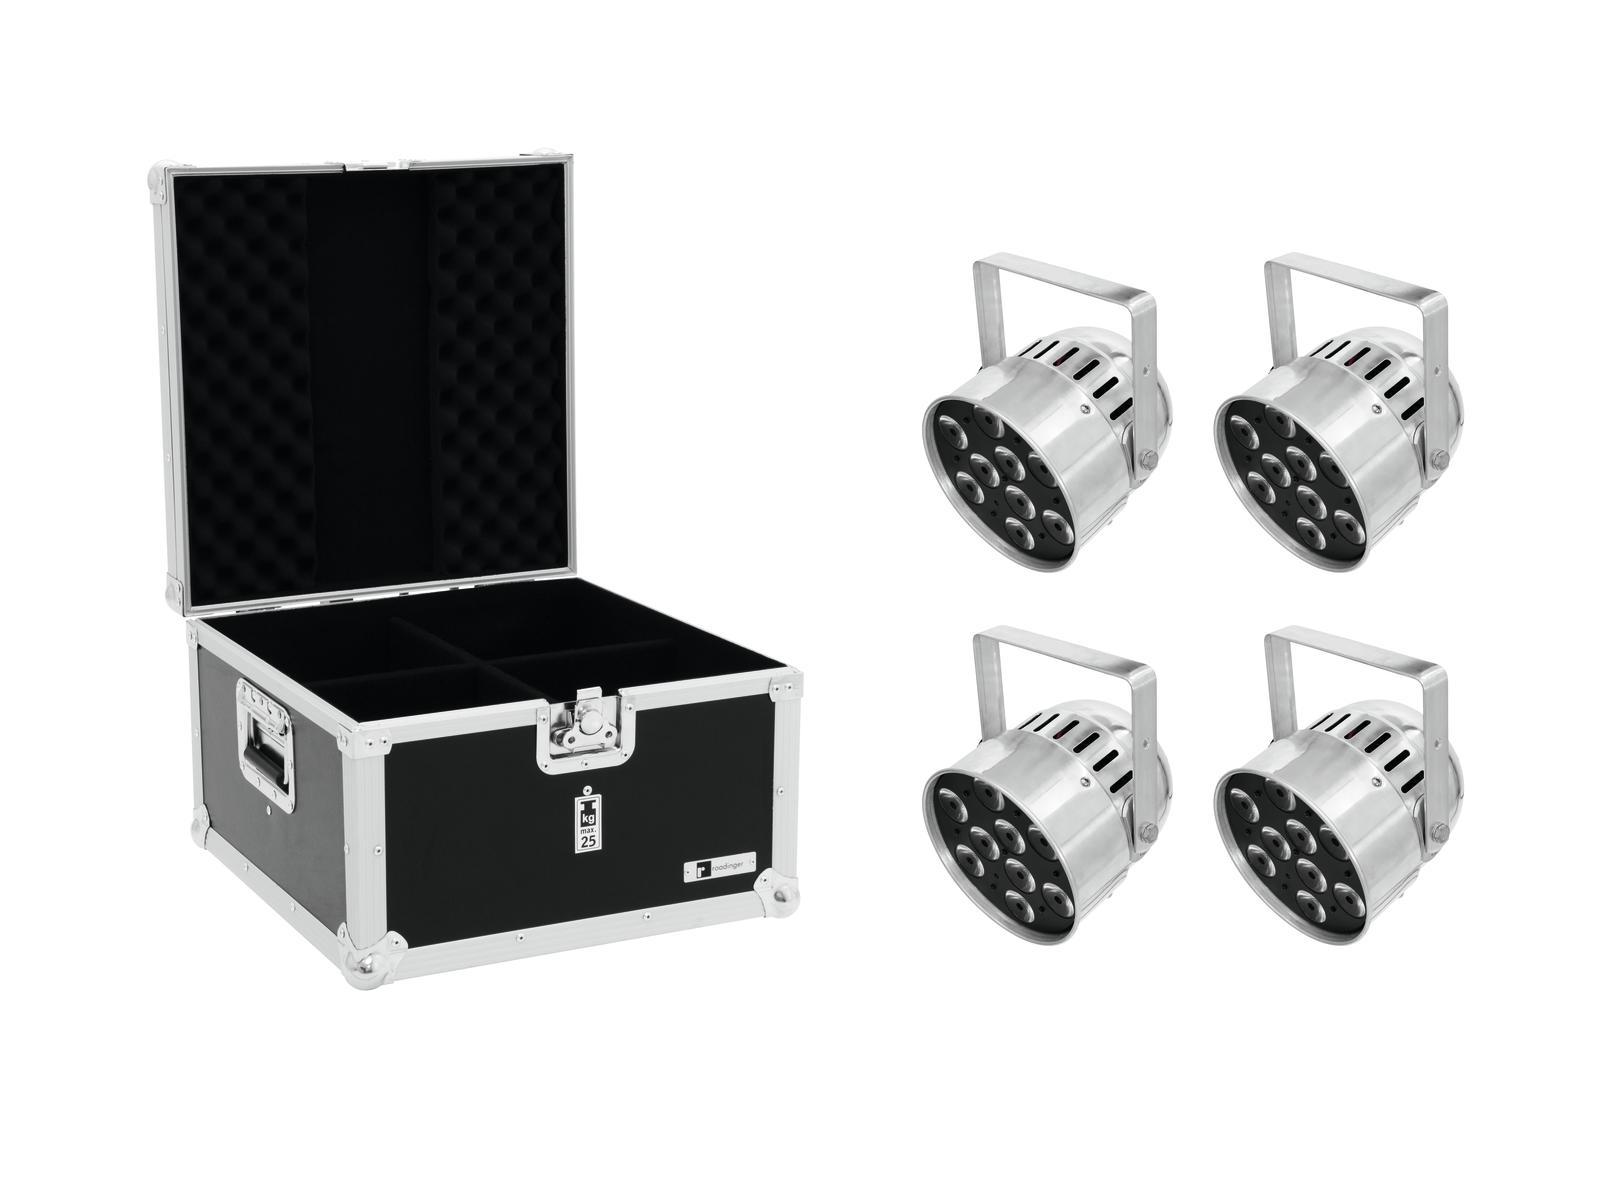 eurolite-set-4x-led-par-56-qcl-short-sil-eps-case